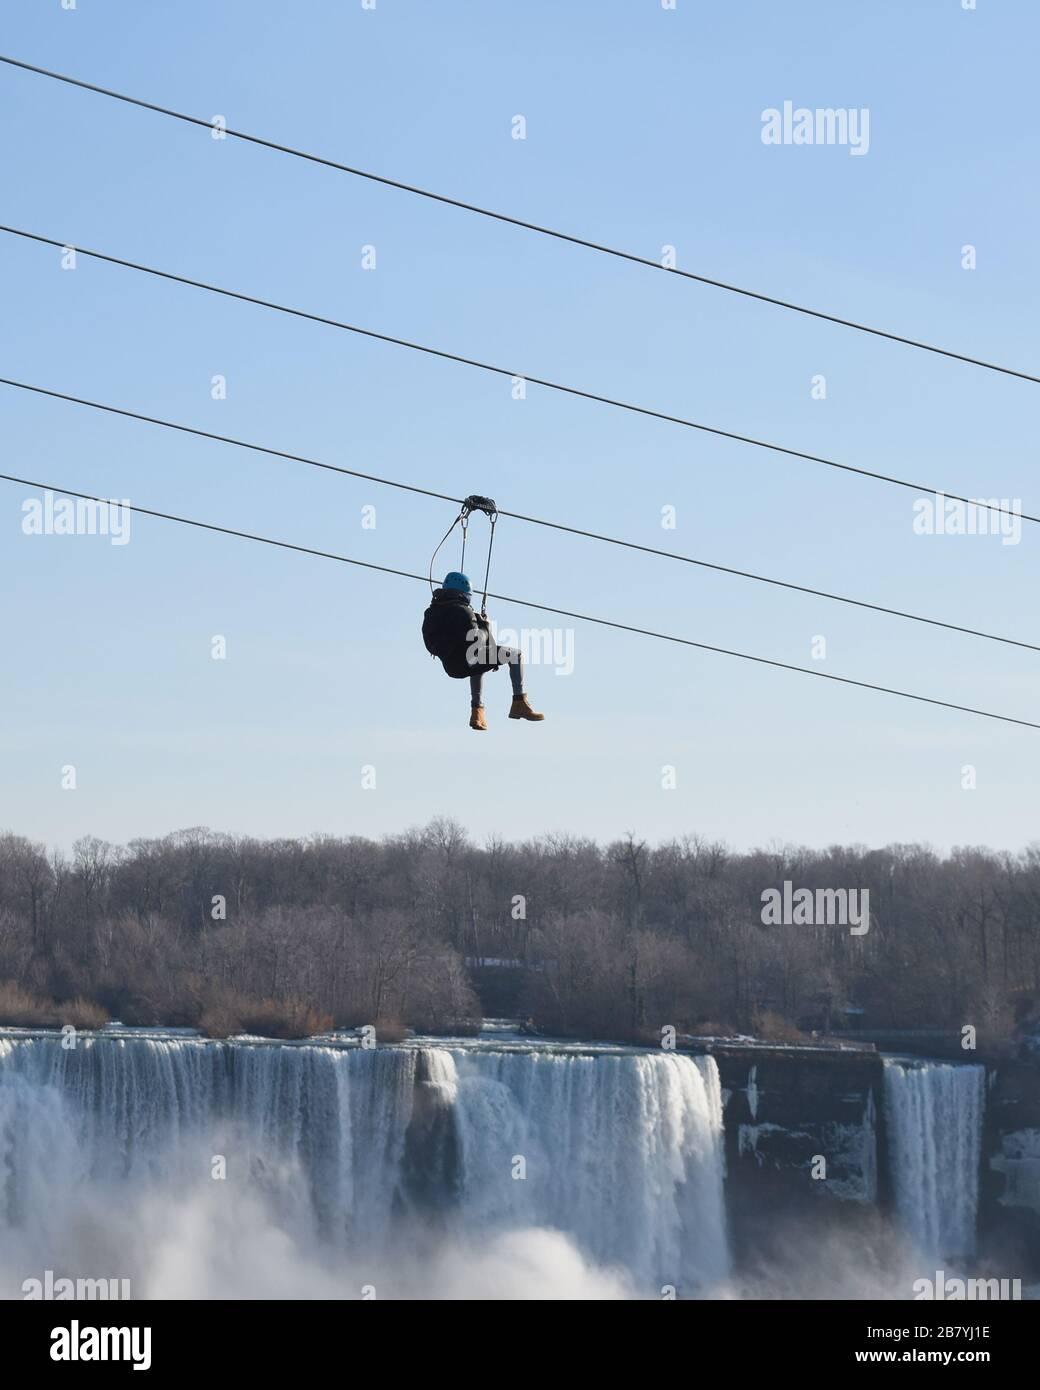 Une personne monte une ligne éclair vers le bas avec la chute d'eau des chutes du Niagara en arrière-plan pour un concept d'activité touristique de vacances. Banque D'Images